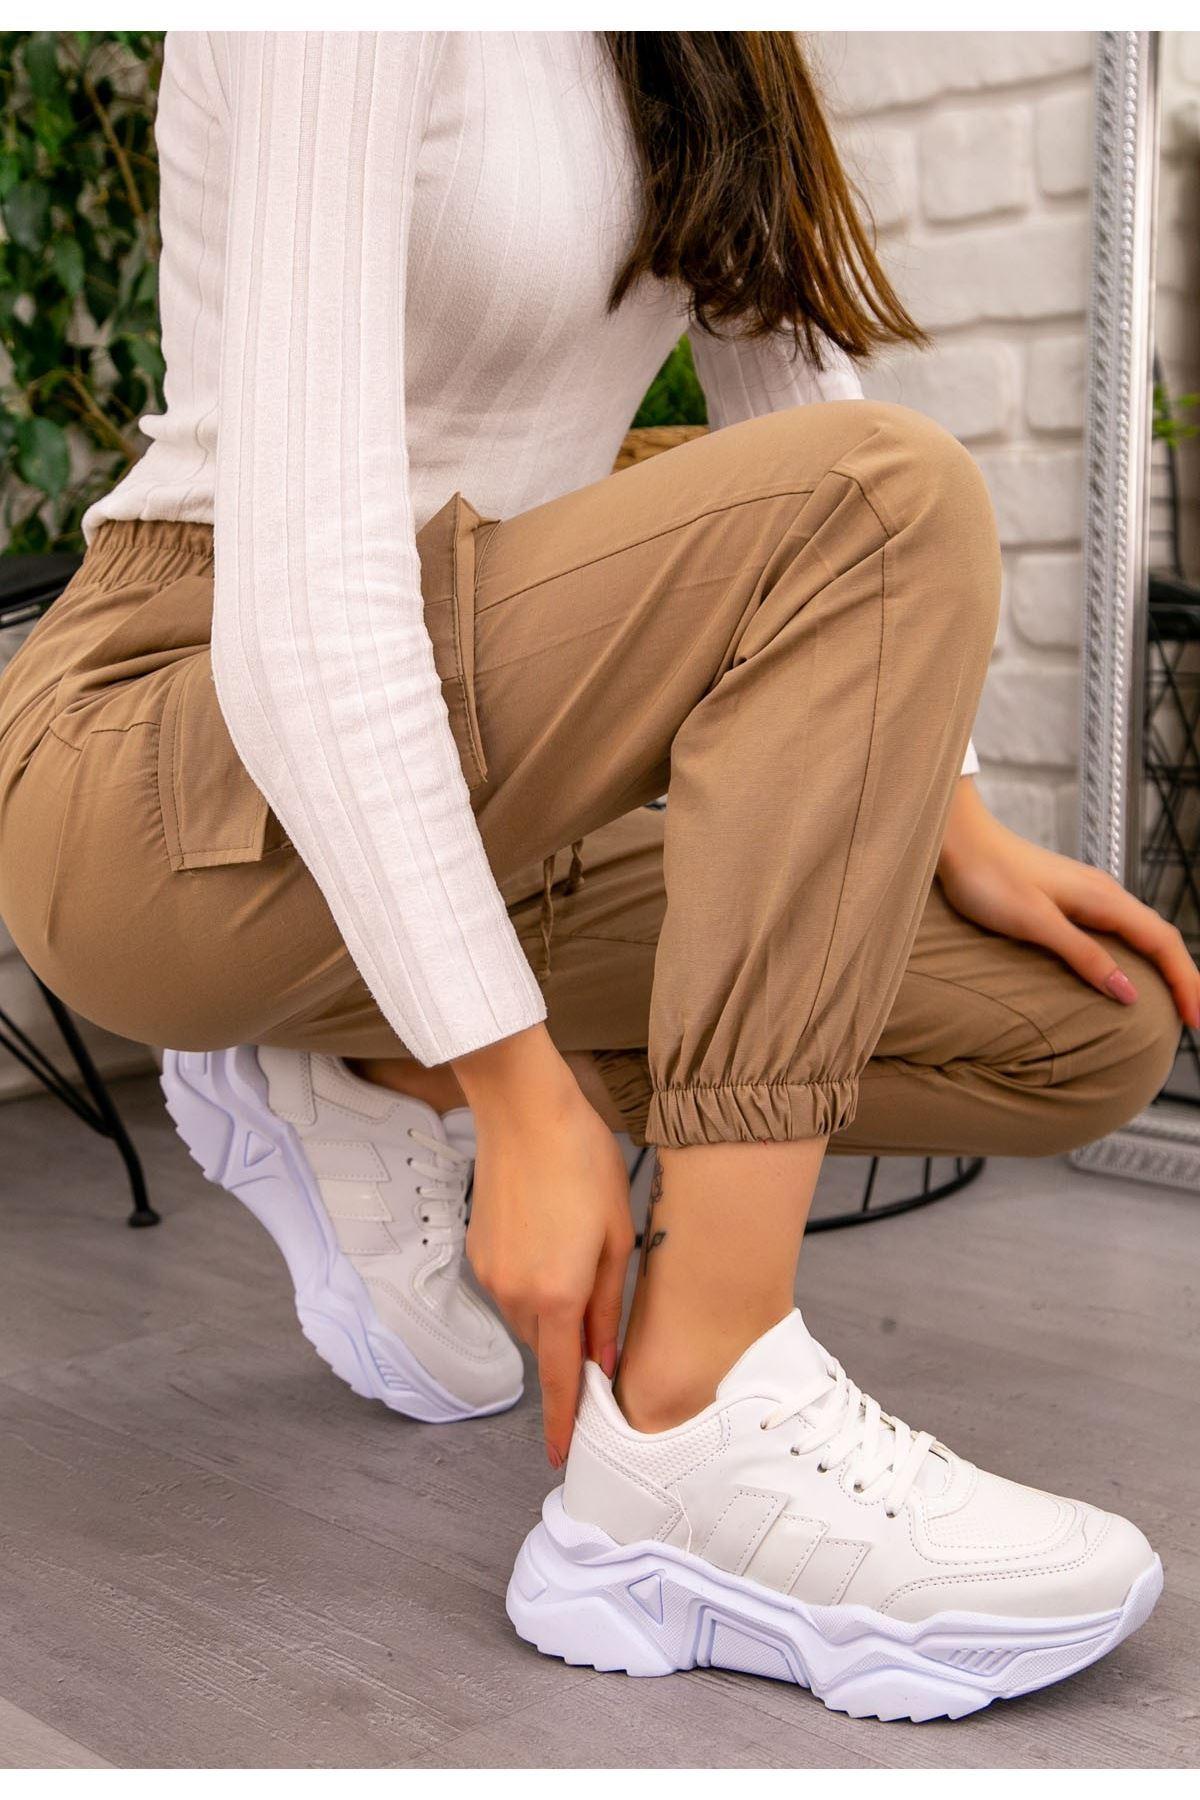 Guldy Beyaz Cilt Bağcıklı Spor Ayakkabı